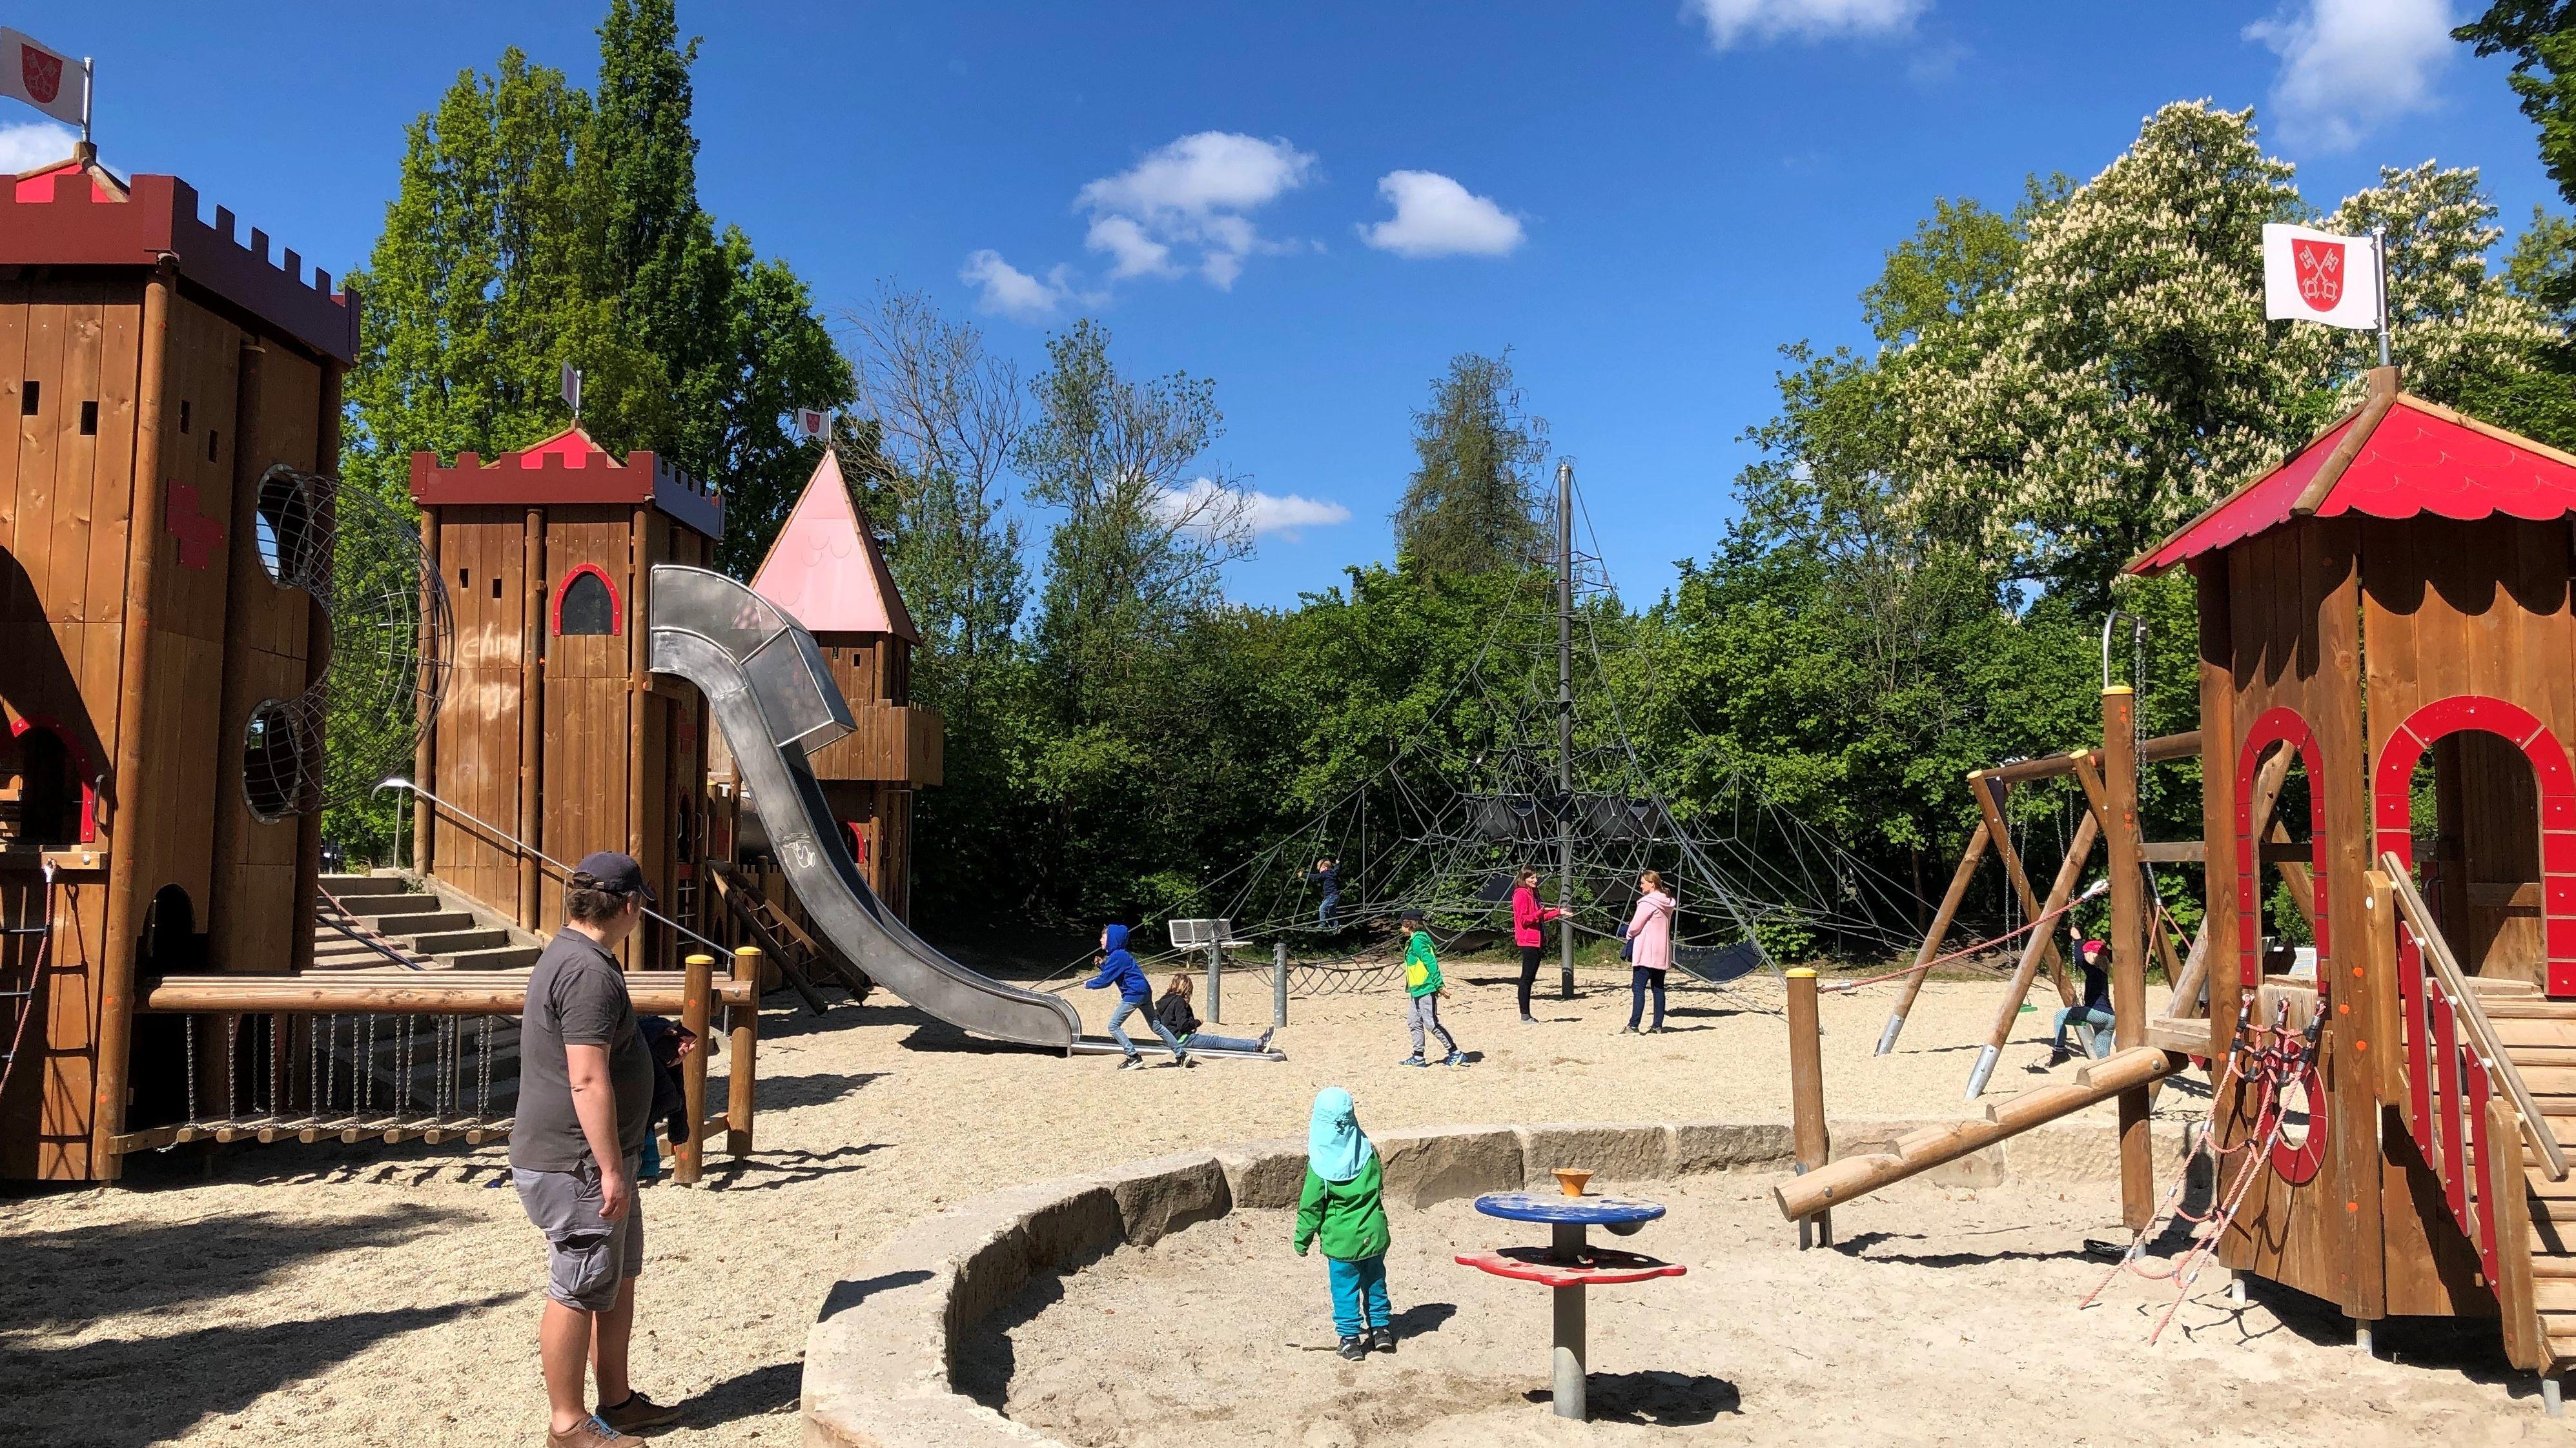 Bayern lockert die Corona-Beschränkungen - jetzt werden auch wieder Kinderspielplätze geöffnet.